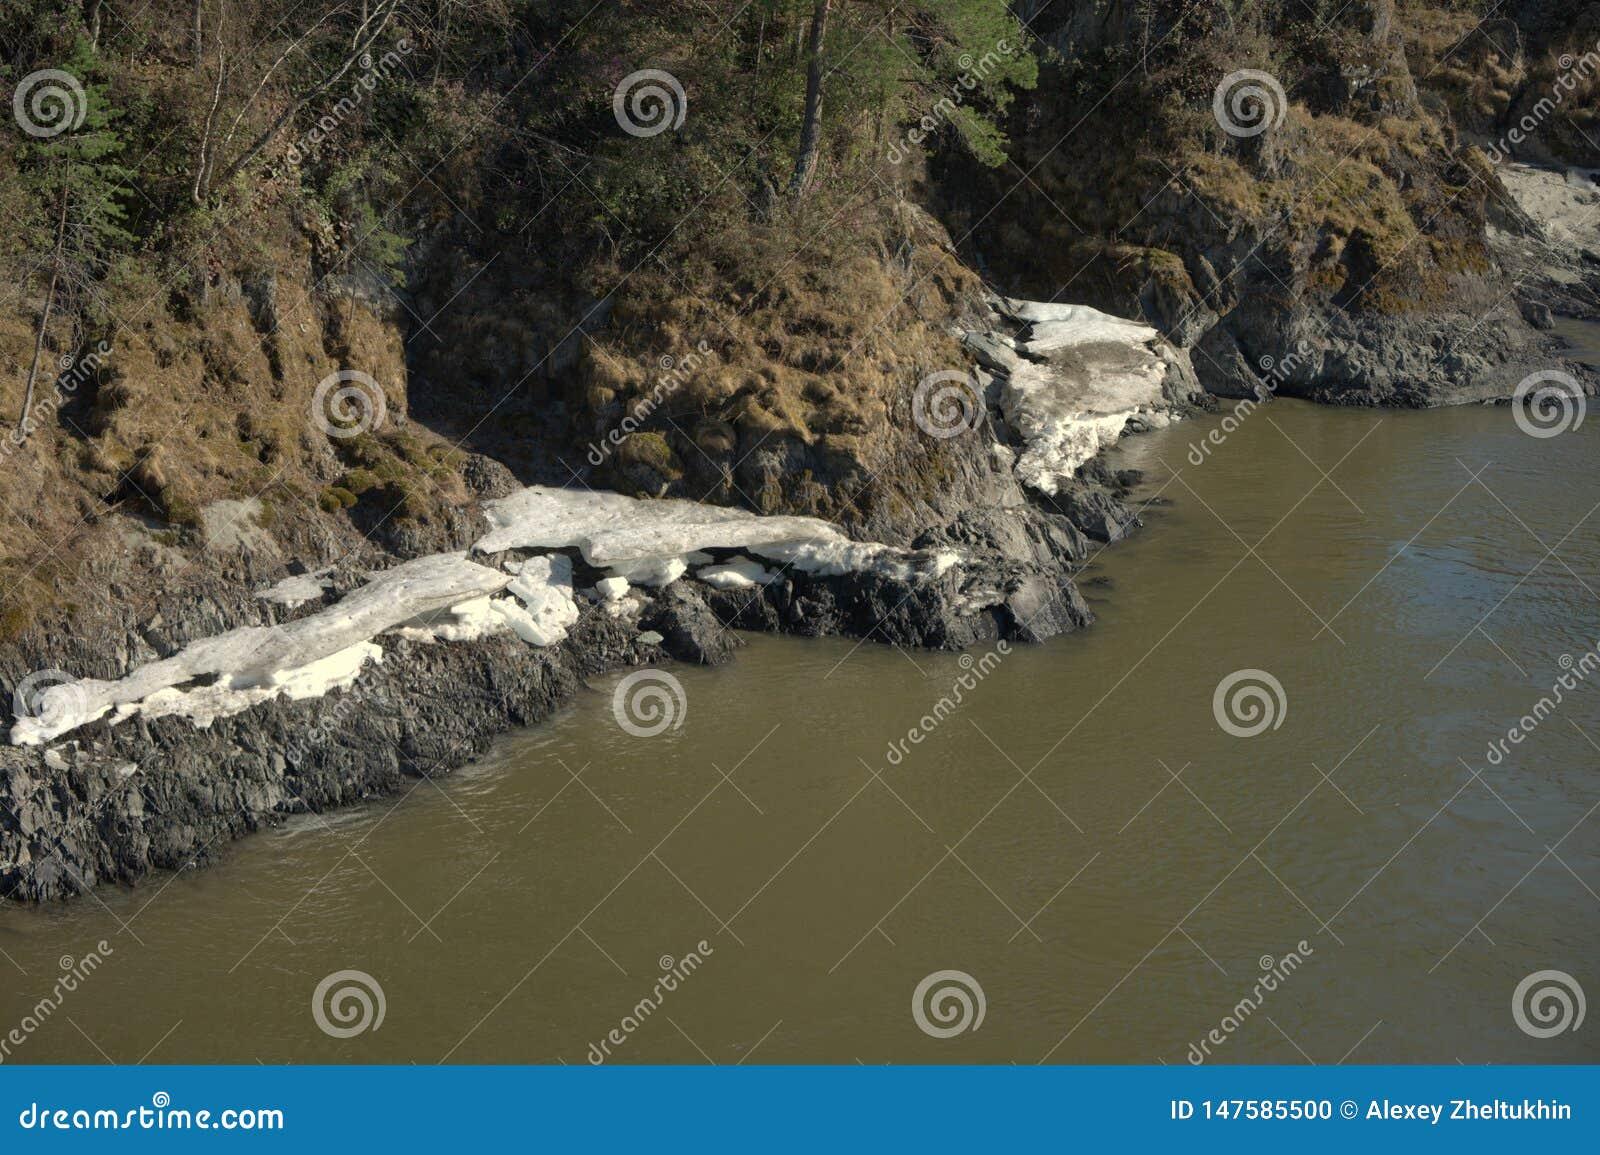 Ο ποταμός Katun βουνών την άνοιξη, τρεξίματα στο πόδι των βουνών Altai, κατά μήκος της ακτής βρίσκεται χιόνι Altai, Σιβηρία, Ρωσί